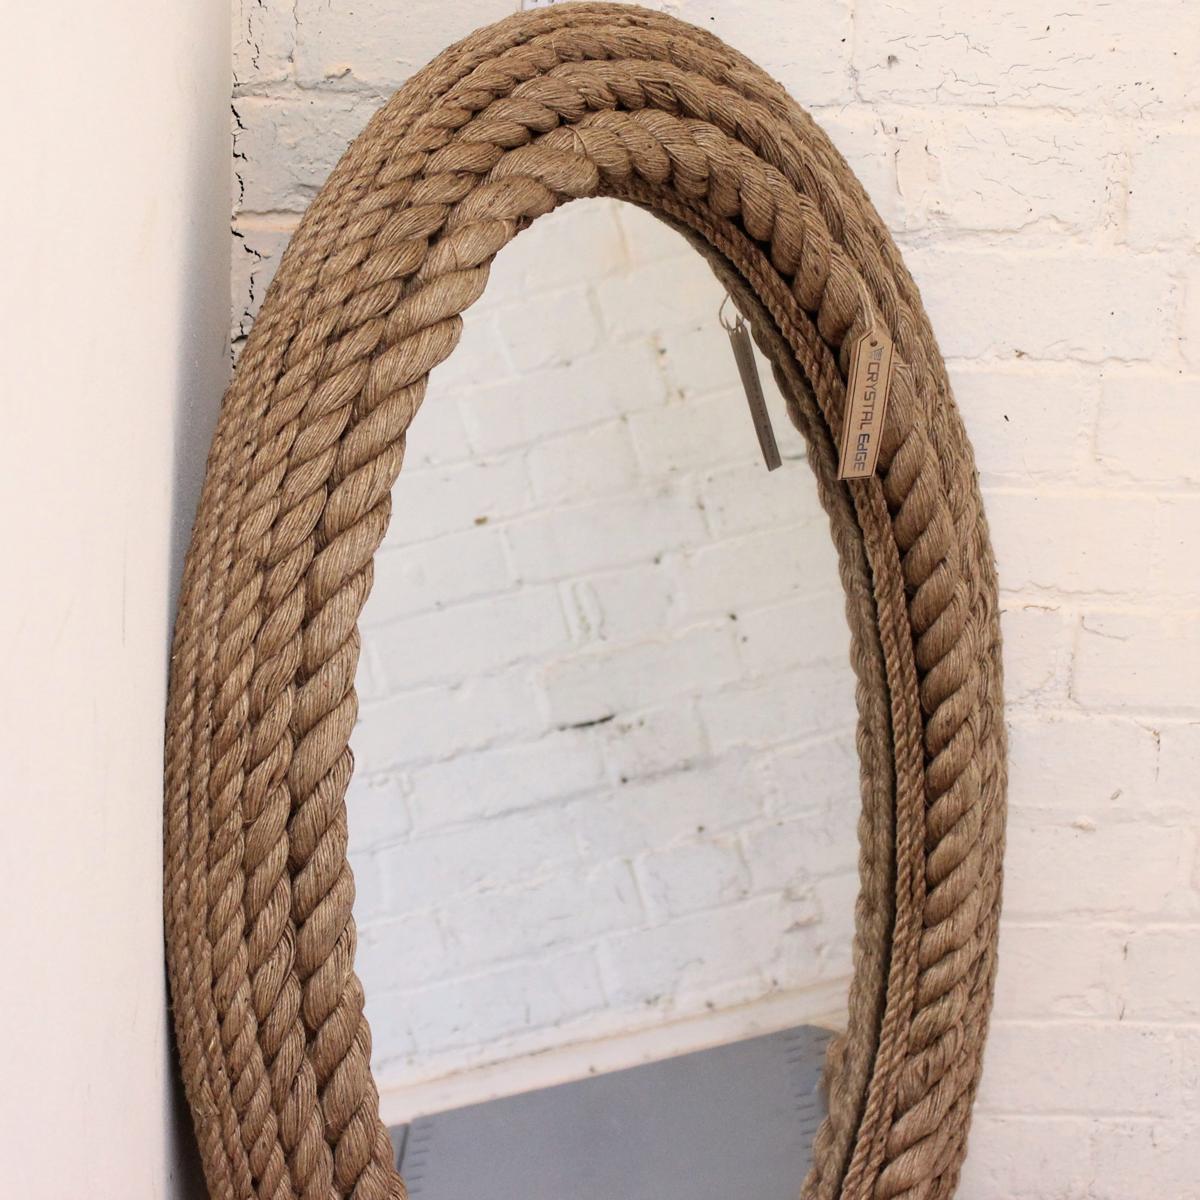 Corda ovale specchio da parete mare riva shabby chic - Specchio ovale shabby chic ...